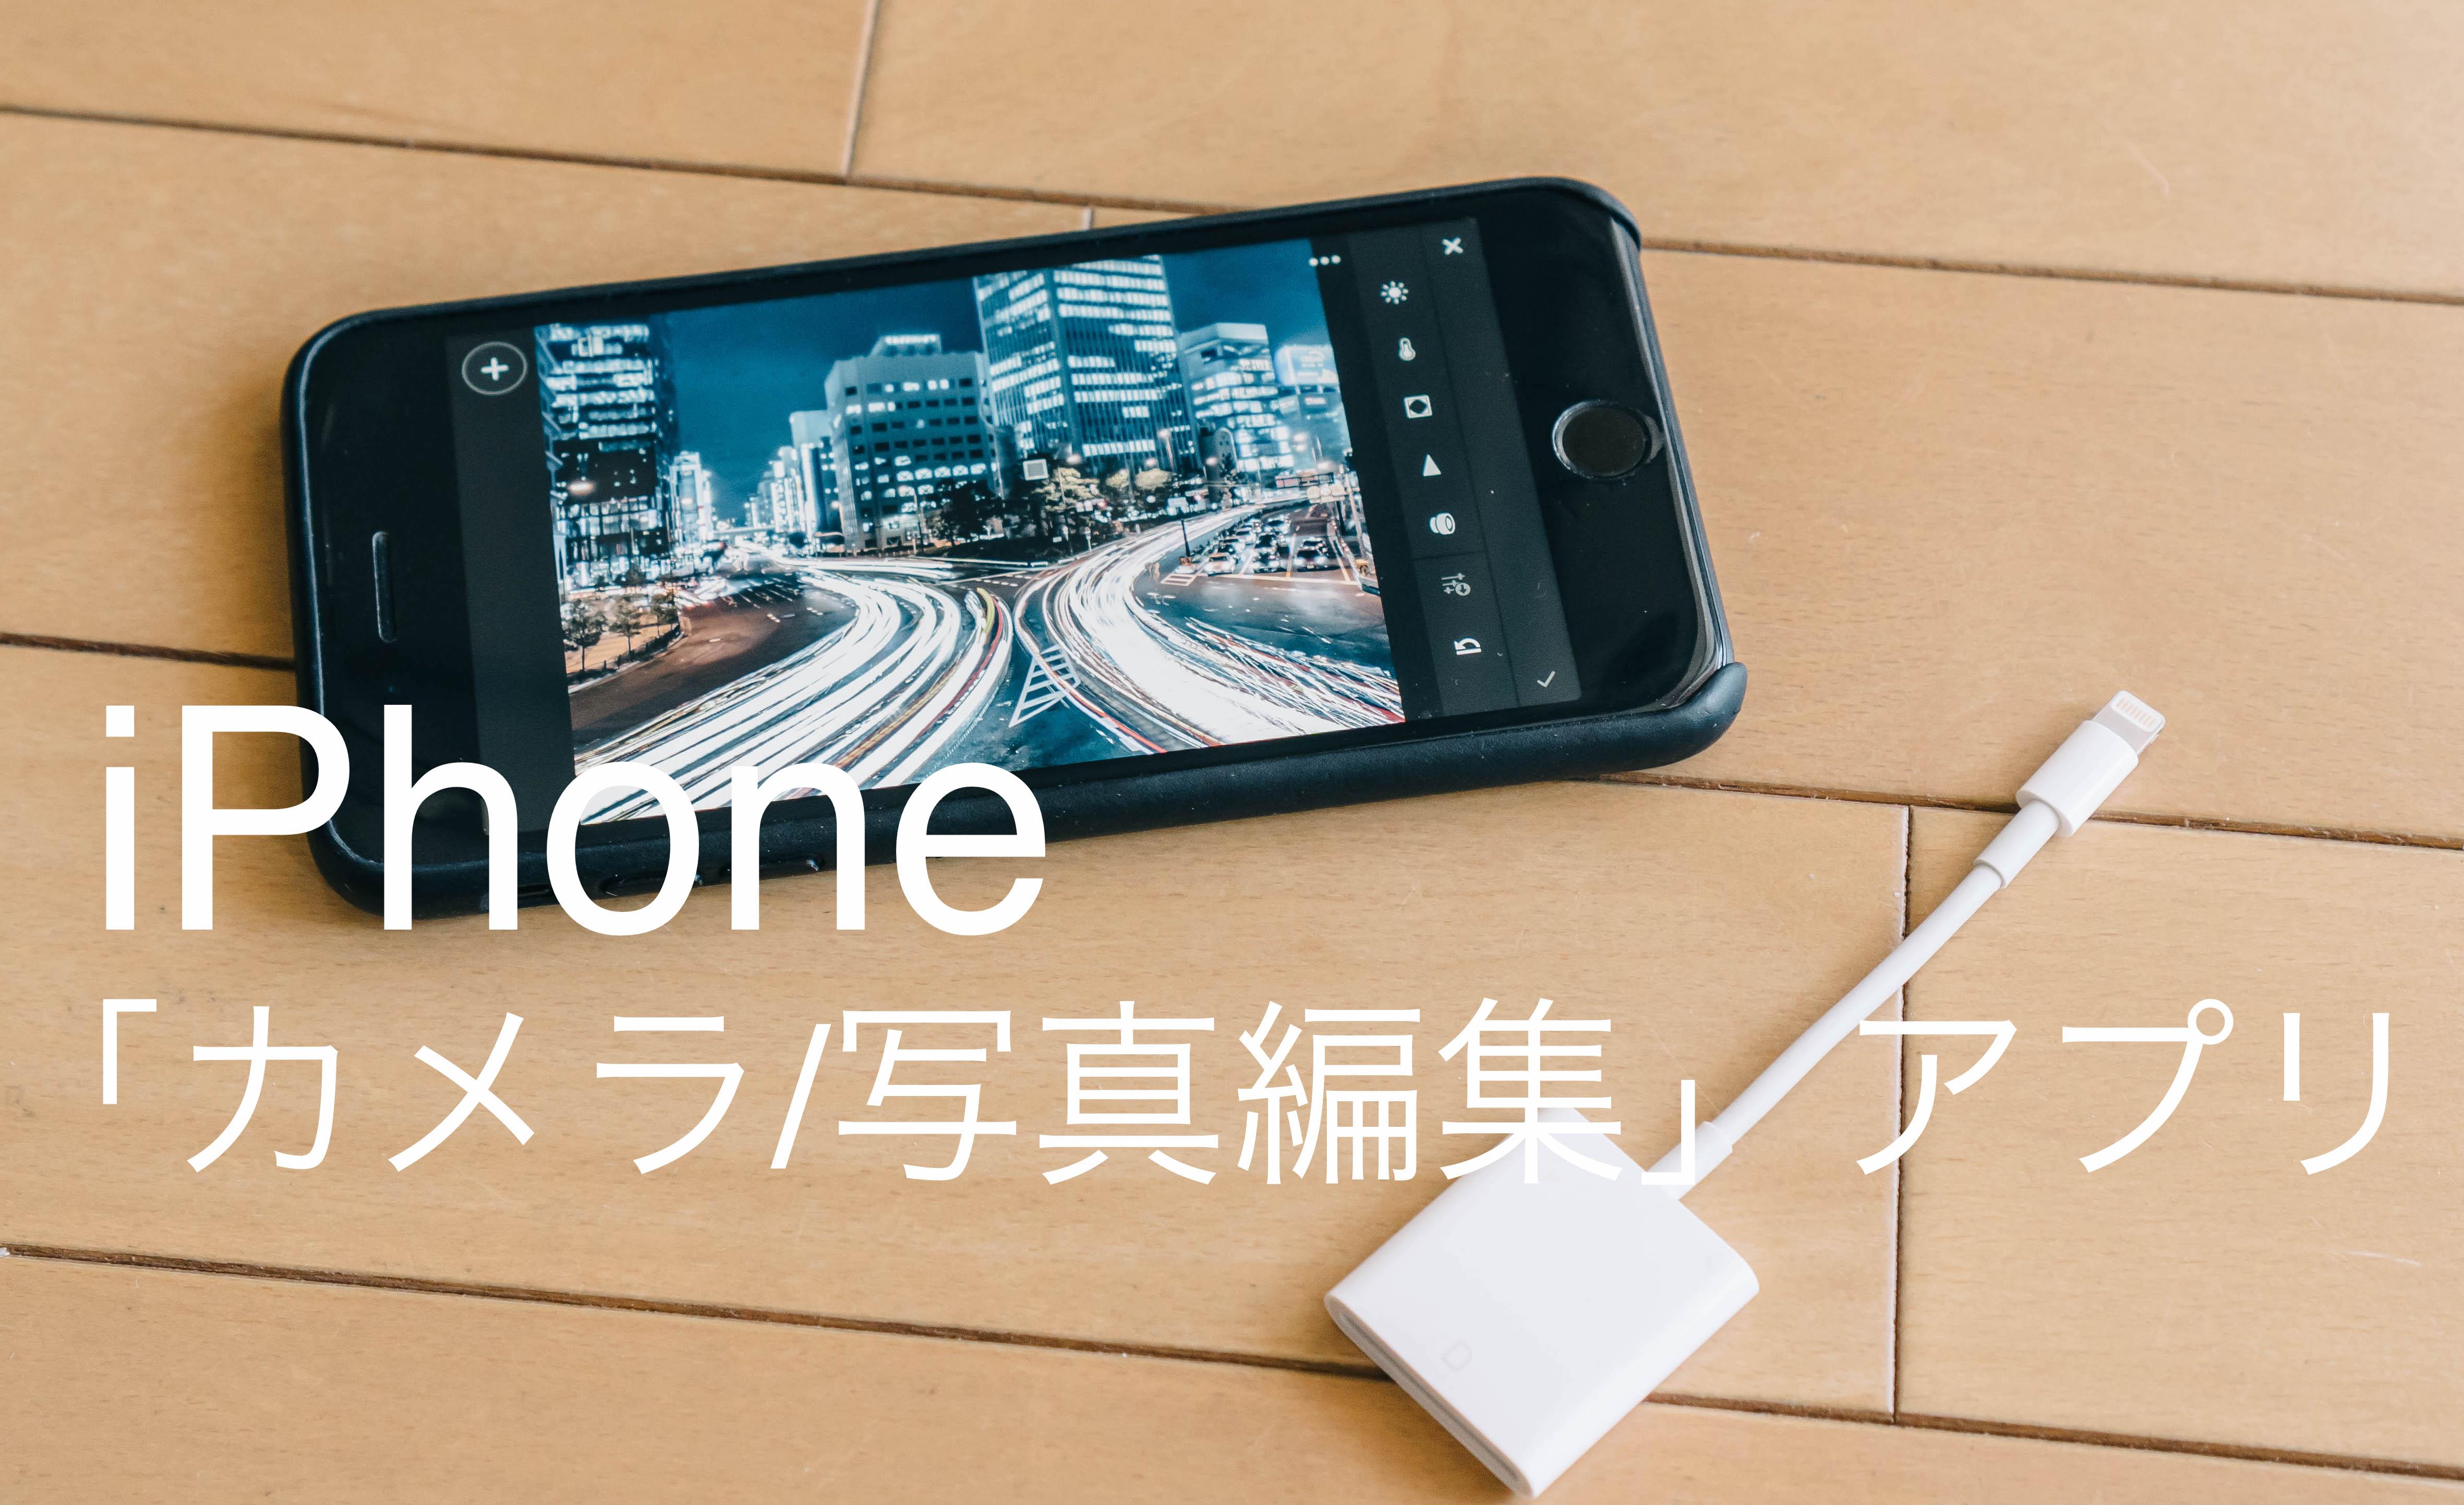 Iphone 画像 編集 アプリ